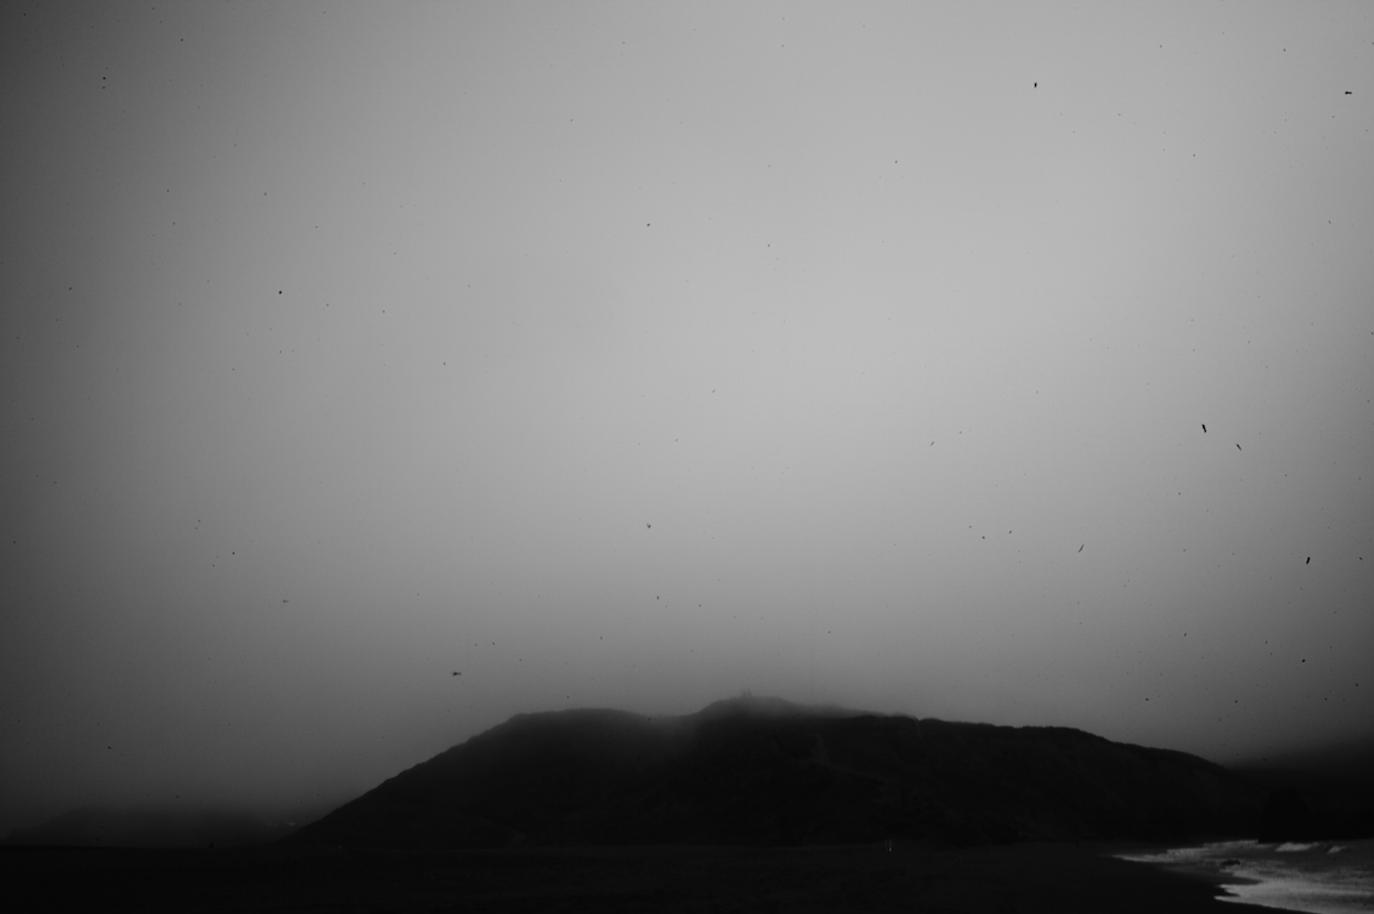 Screen Shot 2014-11-23 at 6.20.12 PM.png